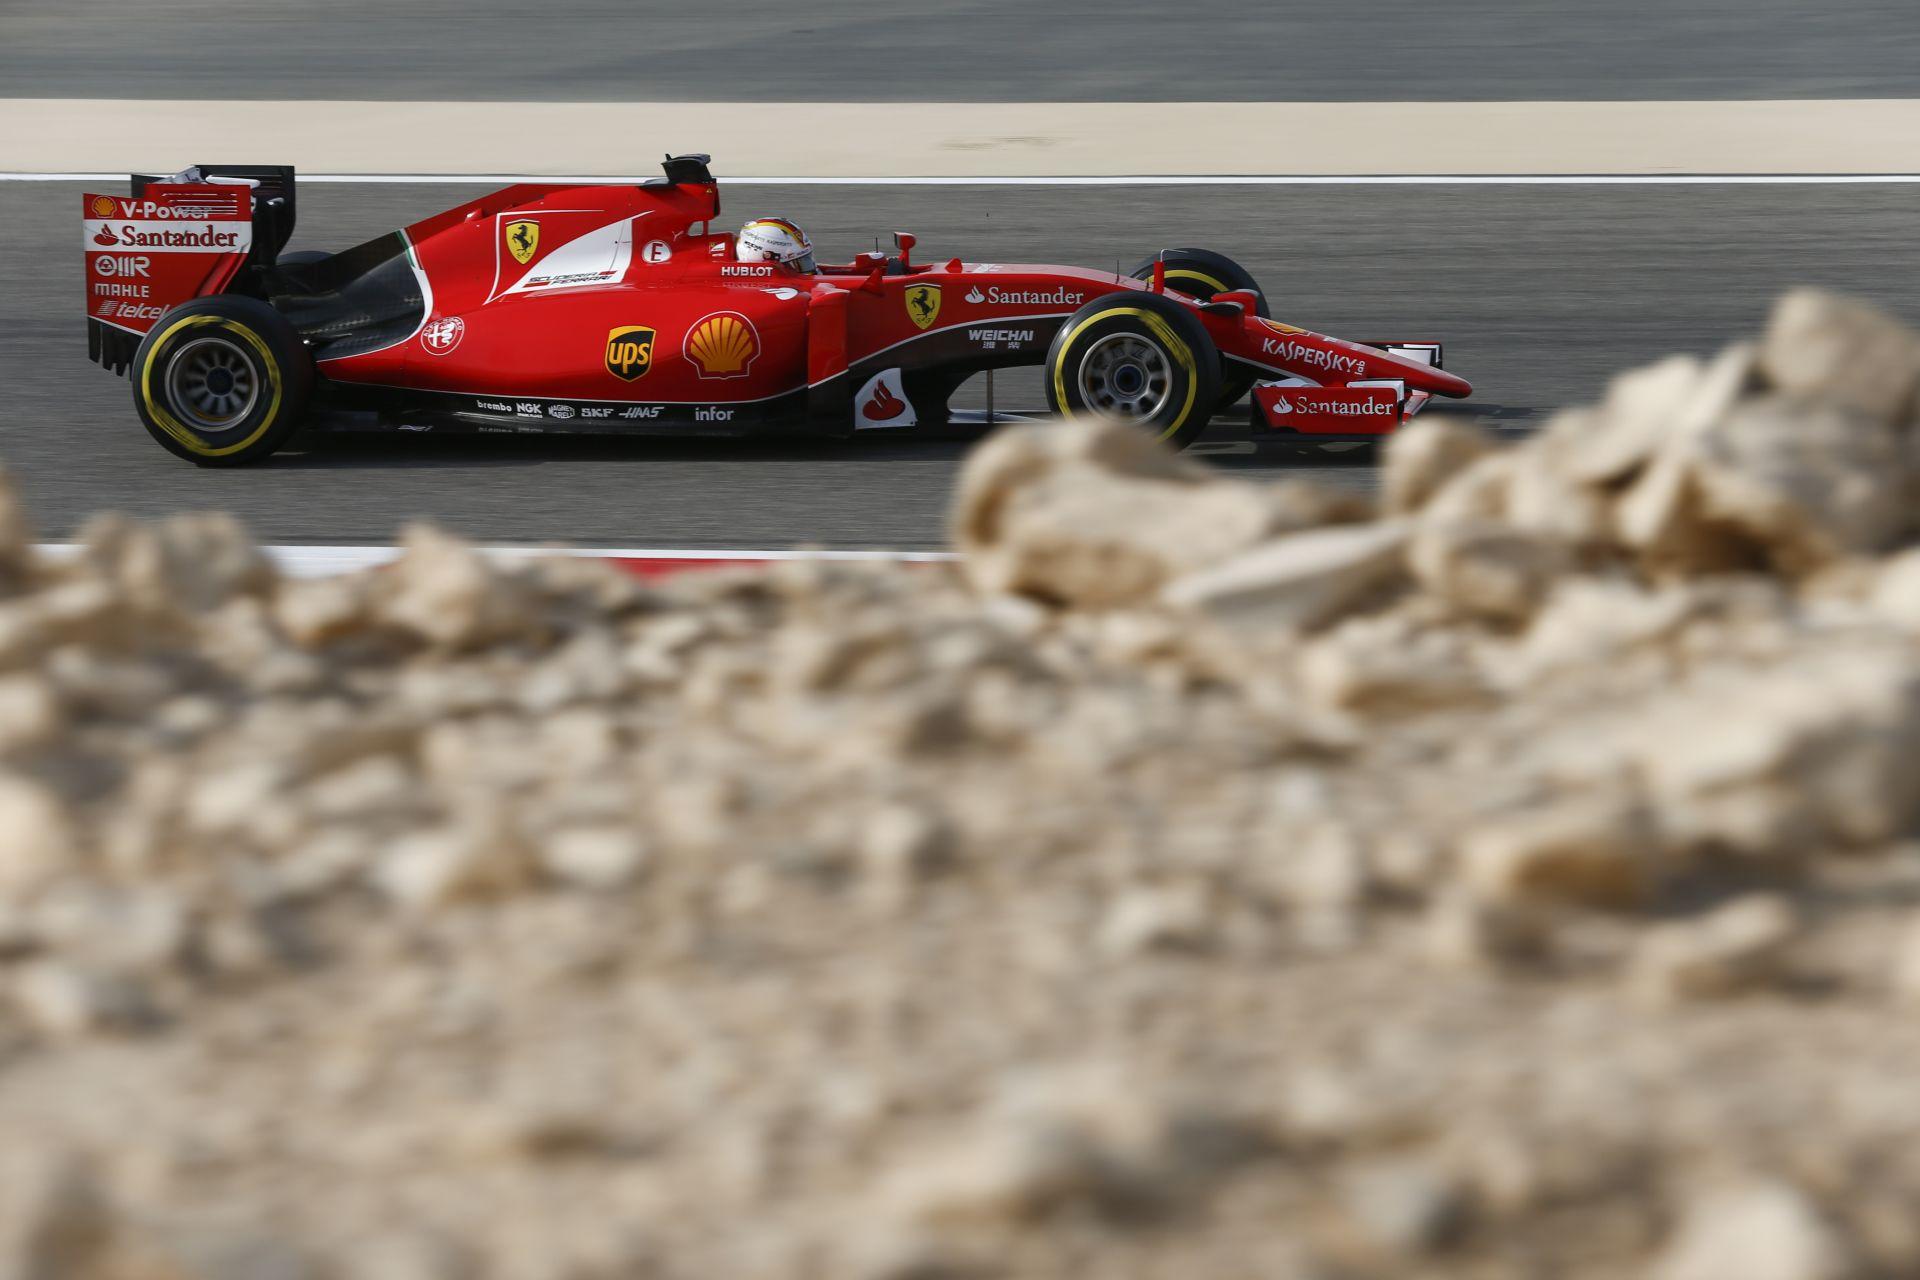 Vettel: Nagyon elégedett vagyok ezzel a második hellyel a Ferrarival!